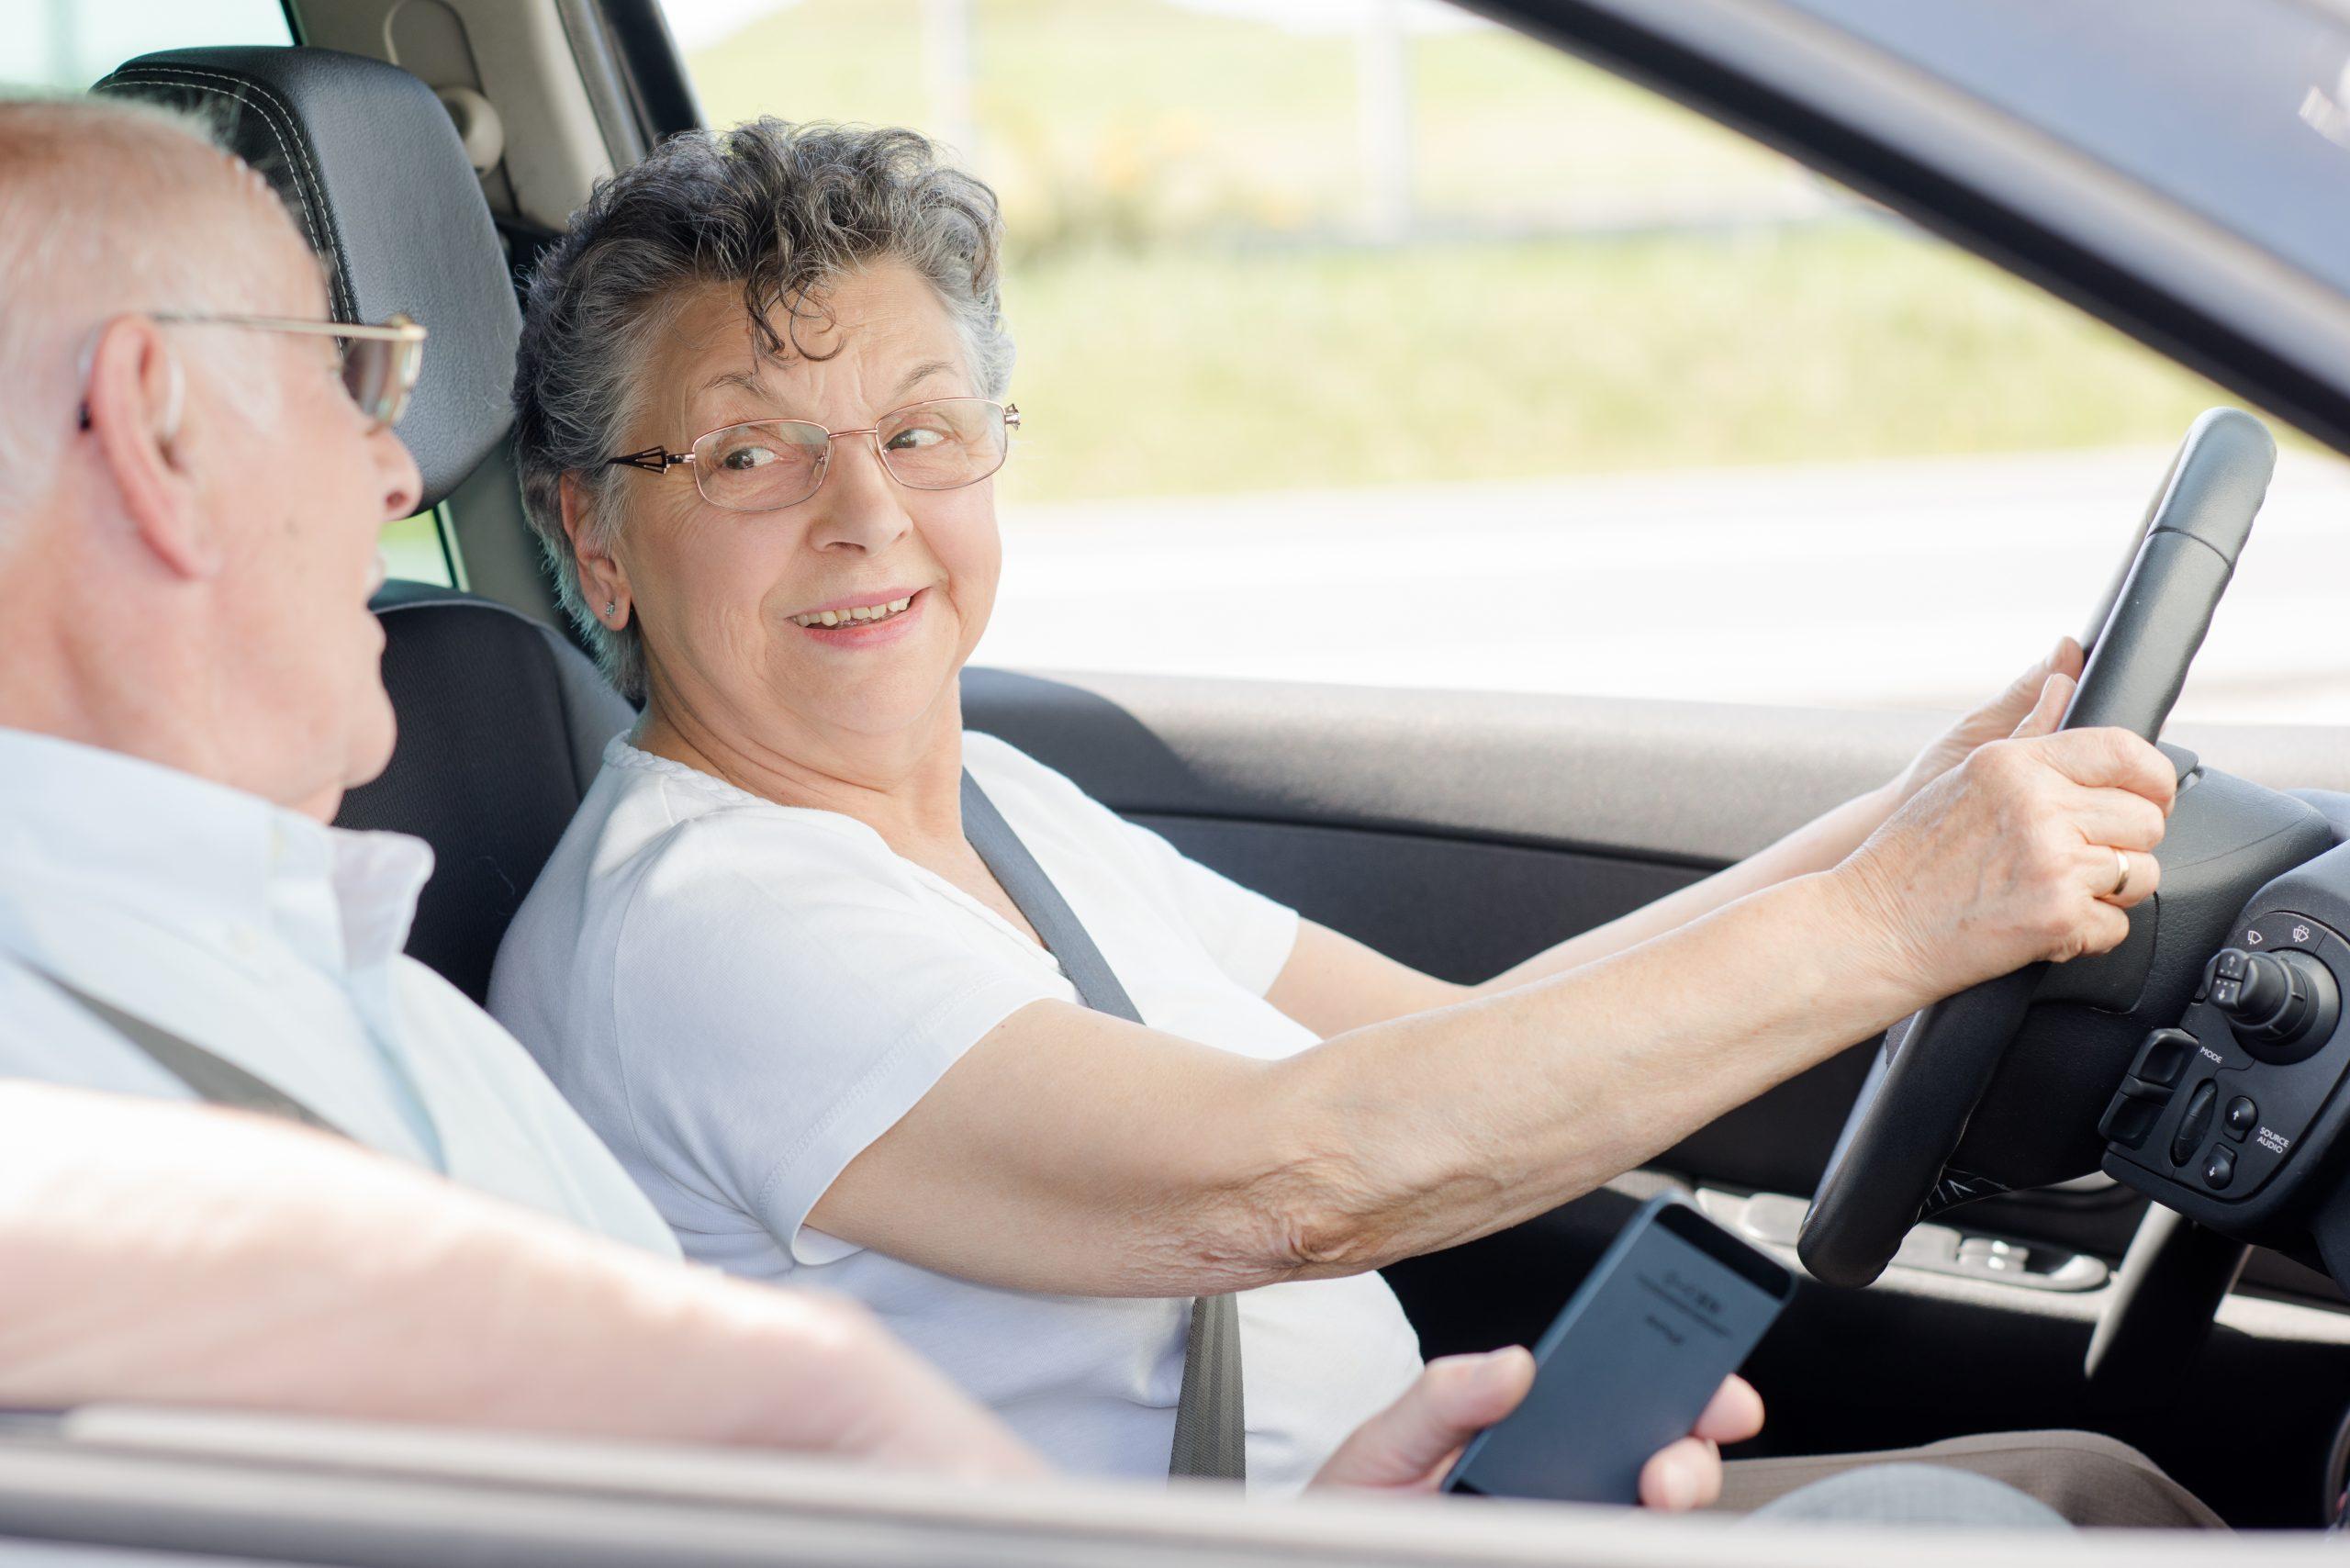 mulher idosa ao volante de carro com passageiro idoso ao lado